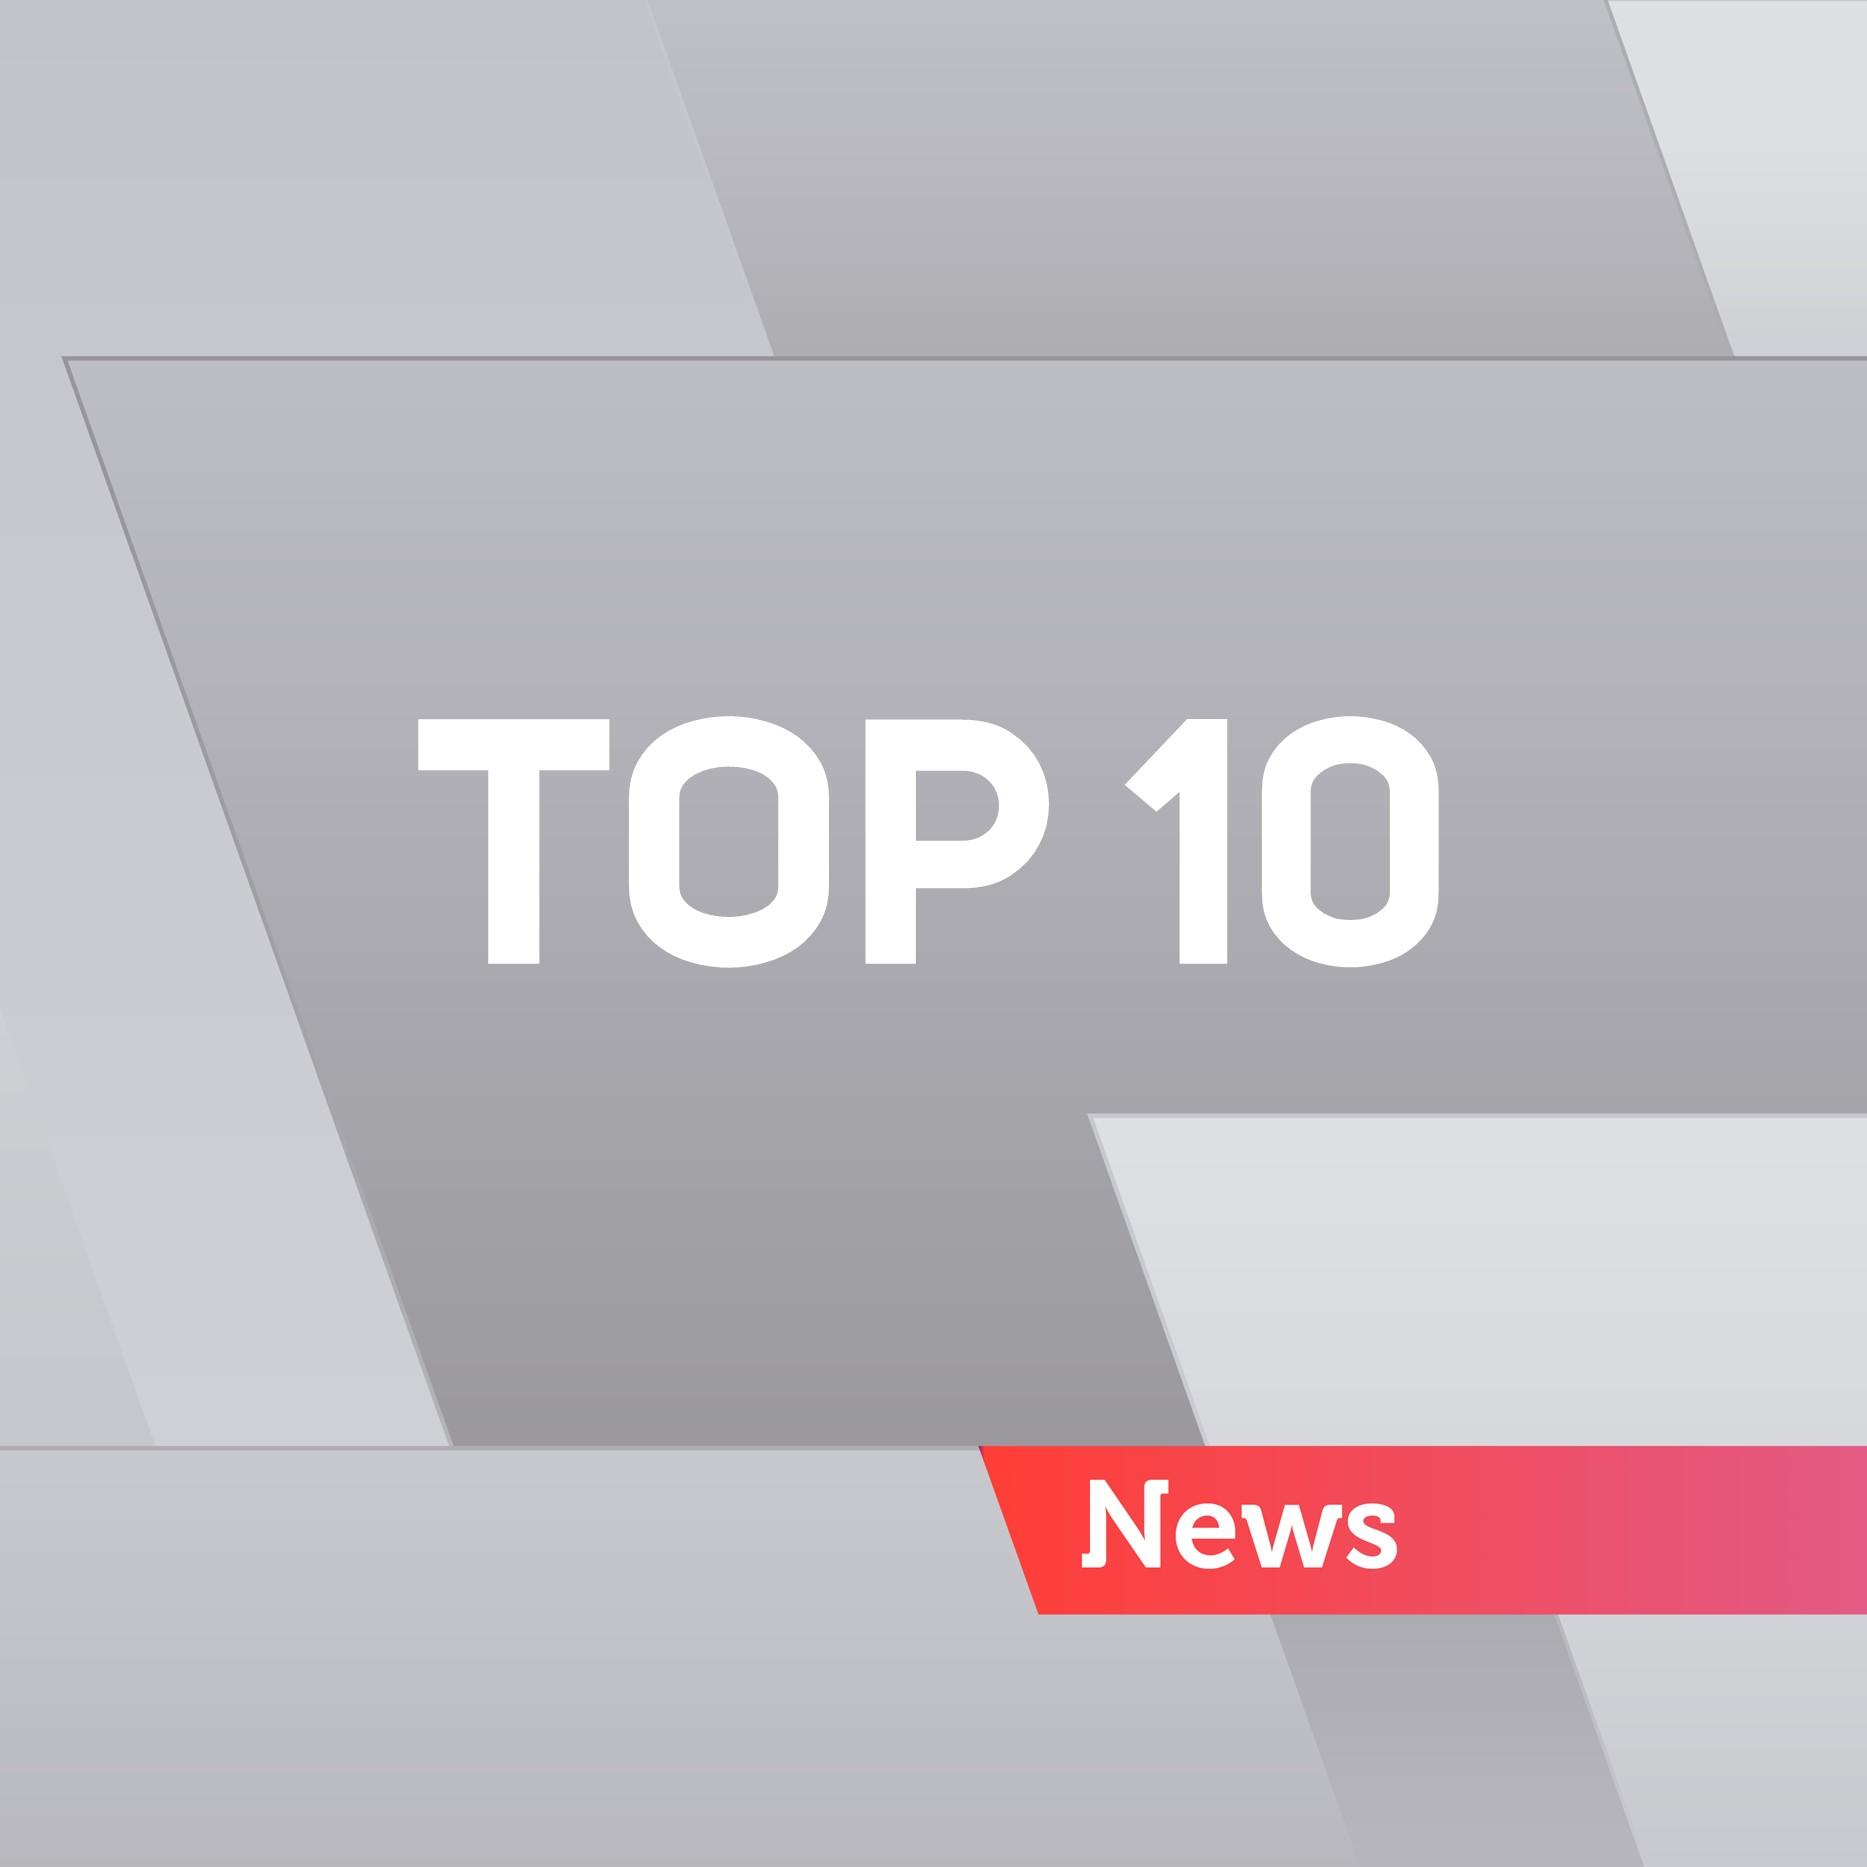 Top10: Resumo das principais notícias da manhã – 23/04/2018